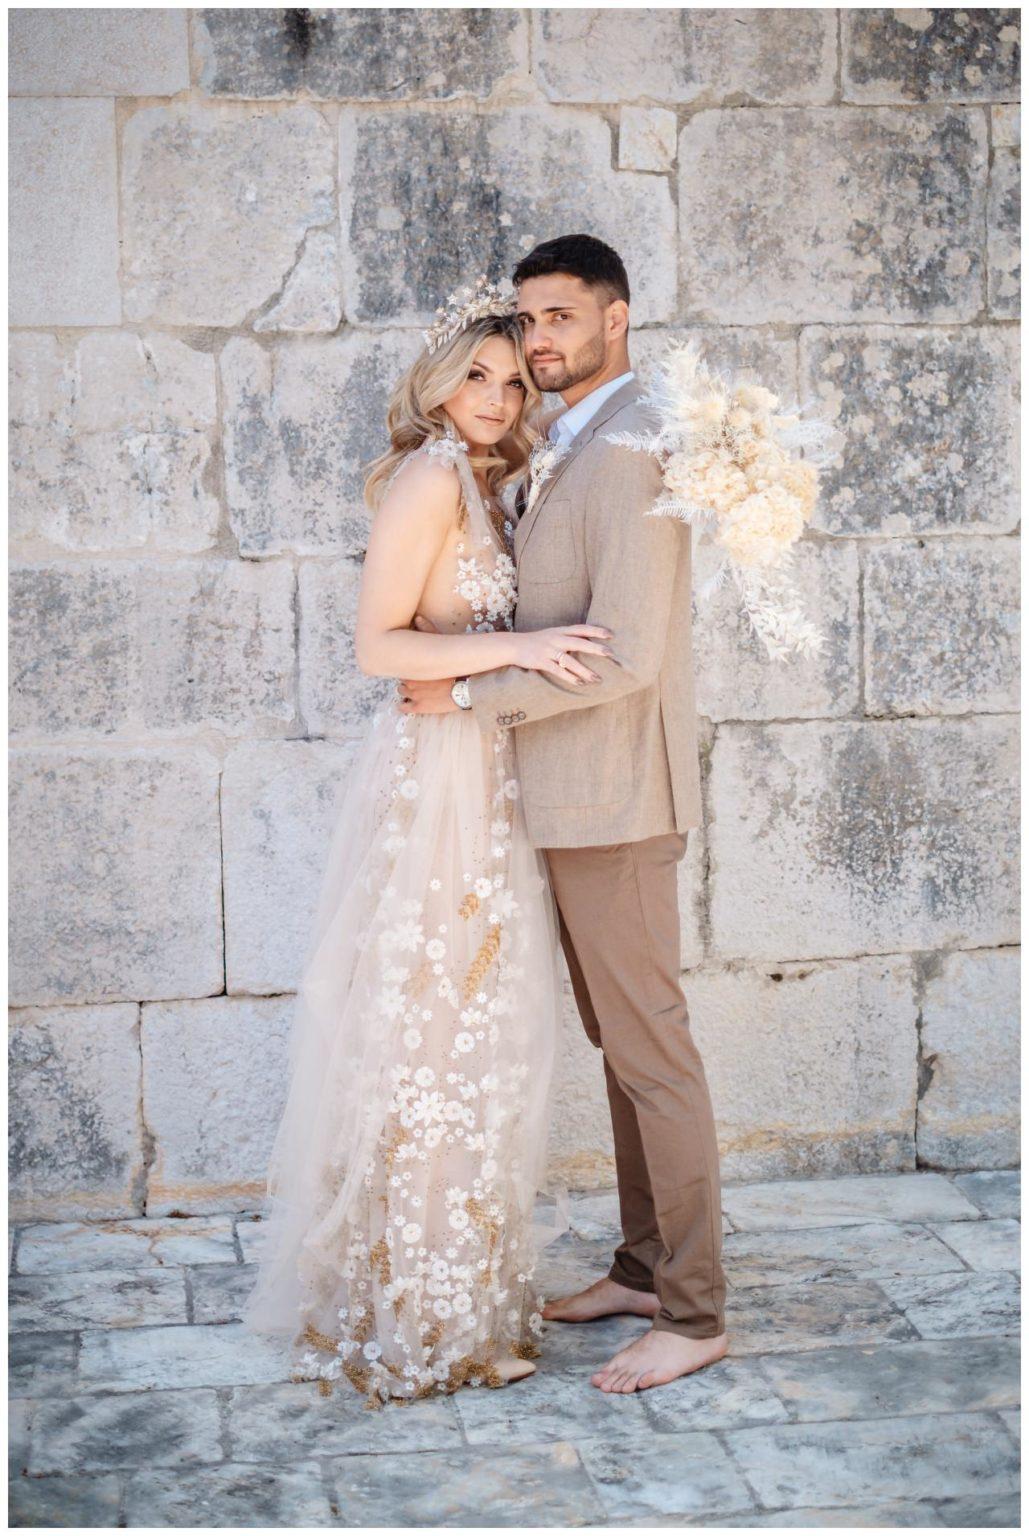 Hochzeit Kroatien Planung Hochzeitsplaner Trockenblumen Fotograf 1 - Natürliche Hochzeit mit Trockenblumen